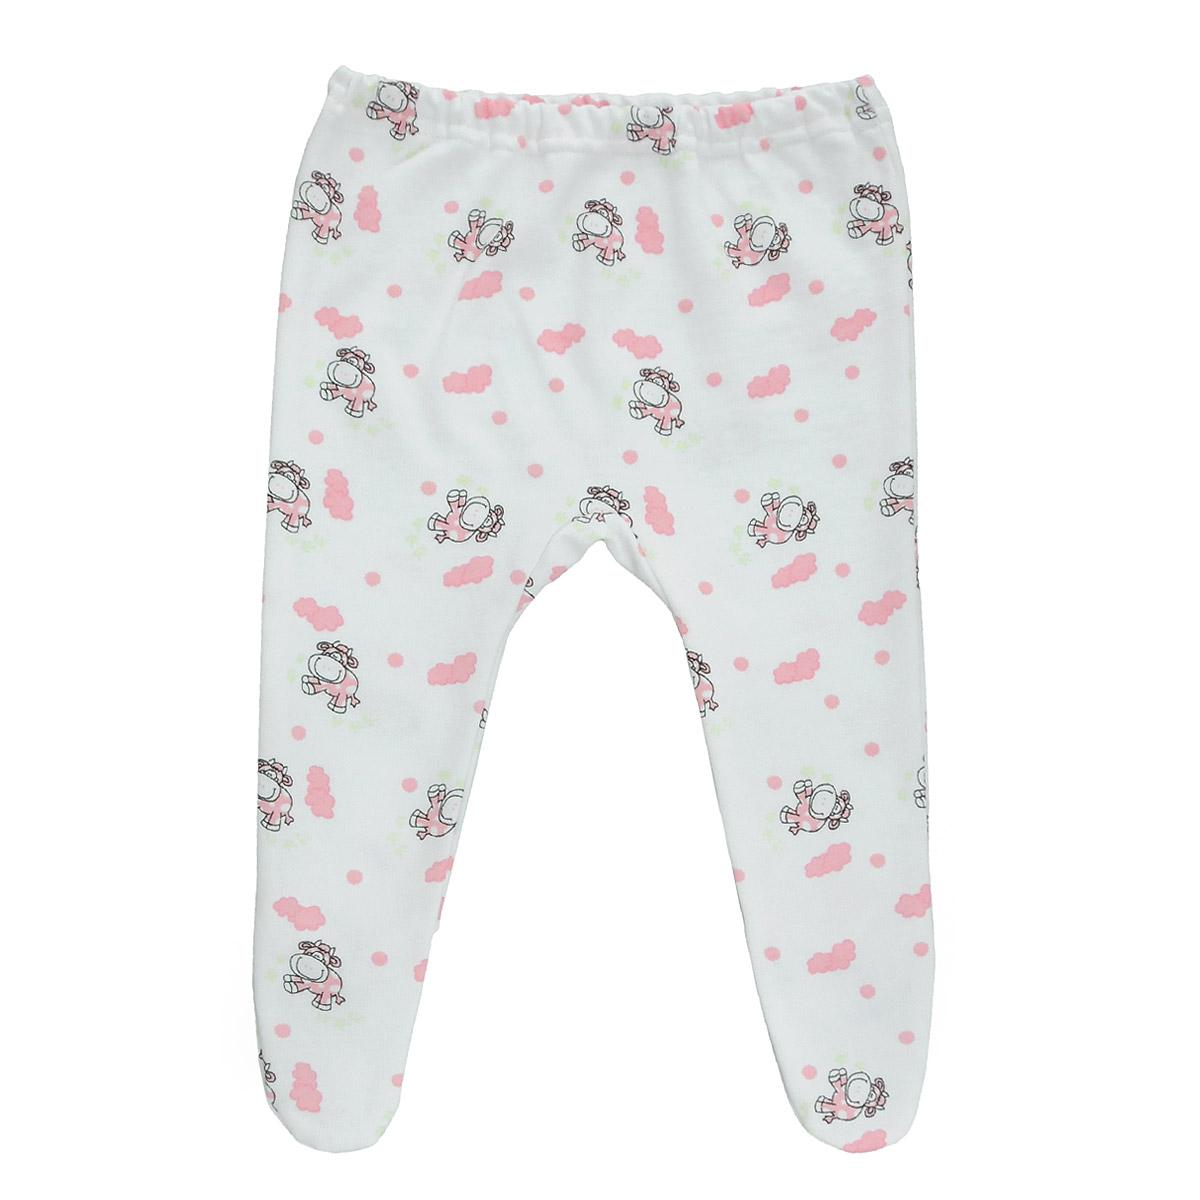 Ползунки Трон-Плюс, цвет: белый. розовый, рисунок коровы. 5256. Размер 62, 3 месяца5256Ползунки для новорожденного Трон-Плюс послужат идеальным дополнением к гардеробу вашего ребенка, обеспечивая ему наибольший комфорт.Модель, изготовленная из футерованного полотна - натурального хлопка, необычайно мягкая и легкая, не раздражает нежную кожу ребенка и хорошо вентилируется, а эластичные швы приятны телу малыша и не препятствуют его движениям. Теплые ползунки с закрытыми ножками благодаря мягкому эластичному поясу не сдавливают животик младенца и не сползают, идеально подходят для ношения с подгузником. Они полностью соответствуют особенностям жизни ребенка в ранний период, не стесняя и не ограничивая его в движениях.